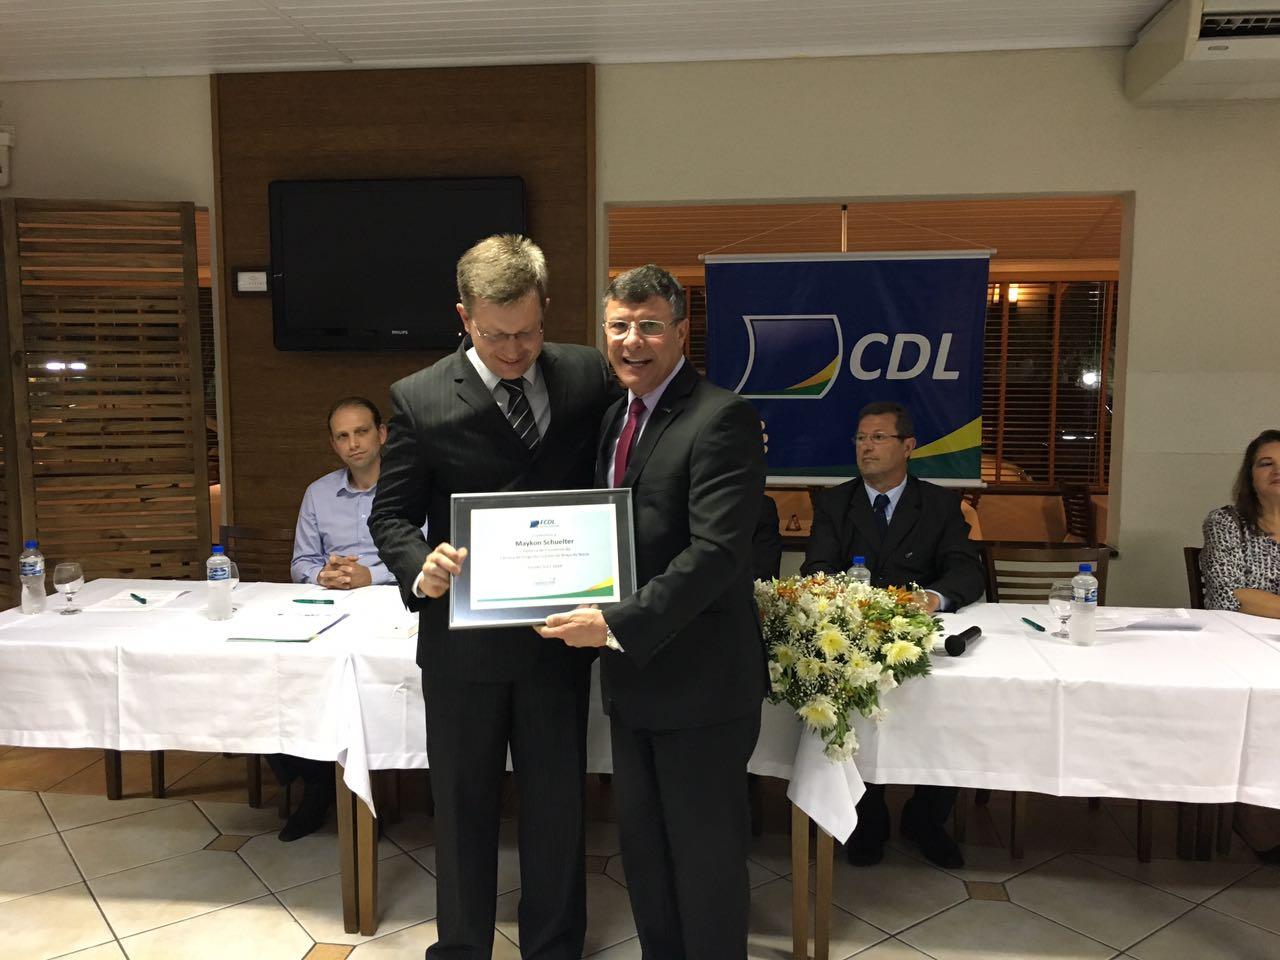 Nova diretoria assume comando da CDL de Braço do Norte por dois anos6